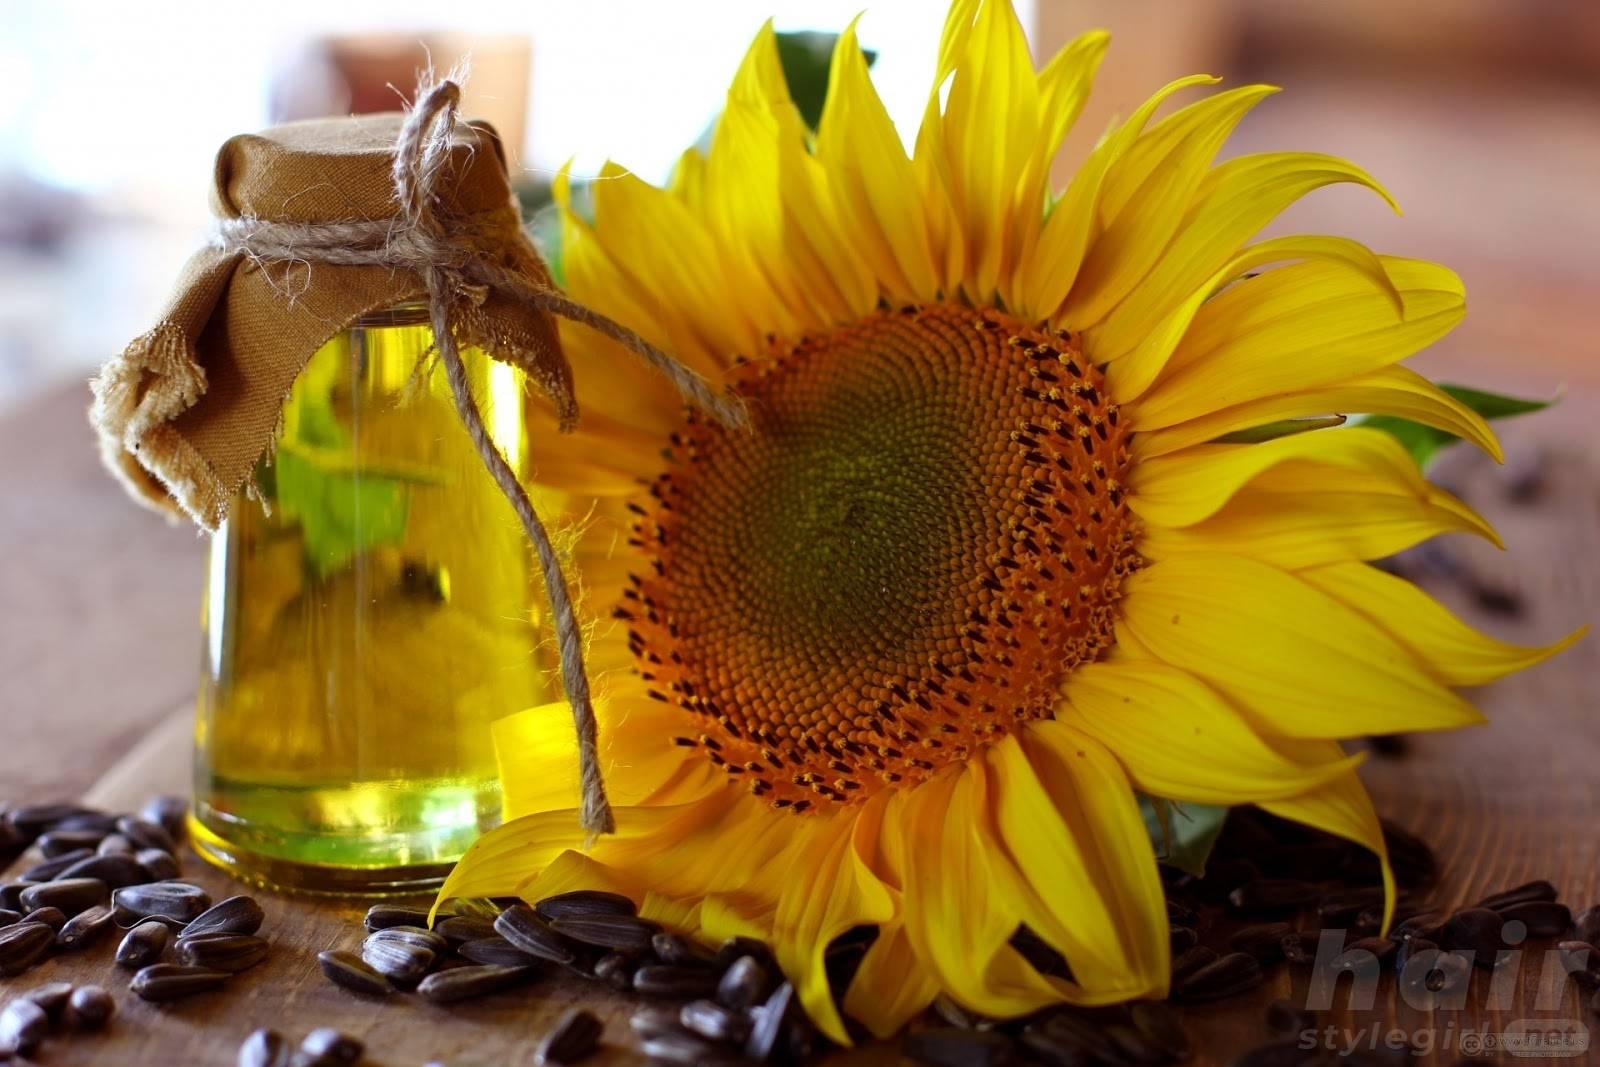 Sunflower Oil for Hair Growth